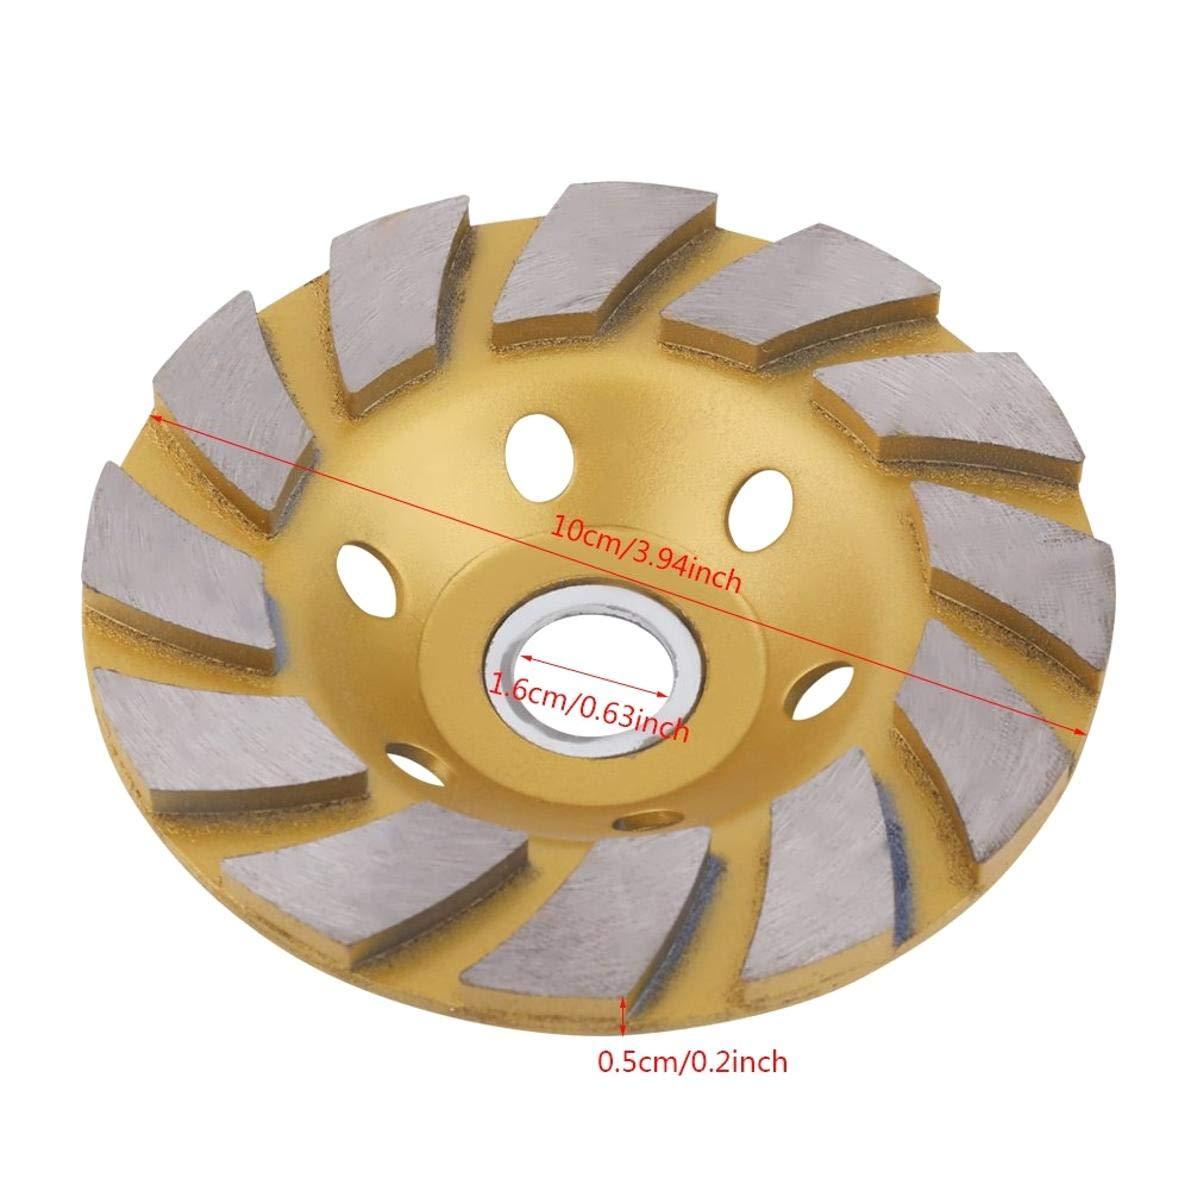 PRINDIY Muela de Diamante 10cm Segmento de Diamante Disco de muela de 6 Agujeros para Piedra de hormig/ón de m/ármol